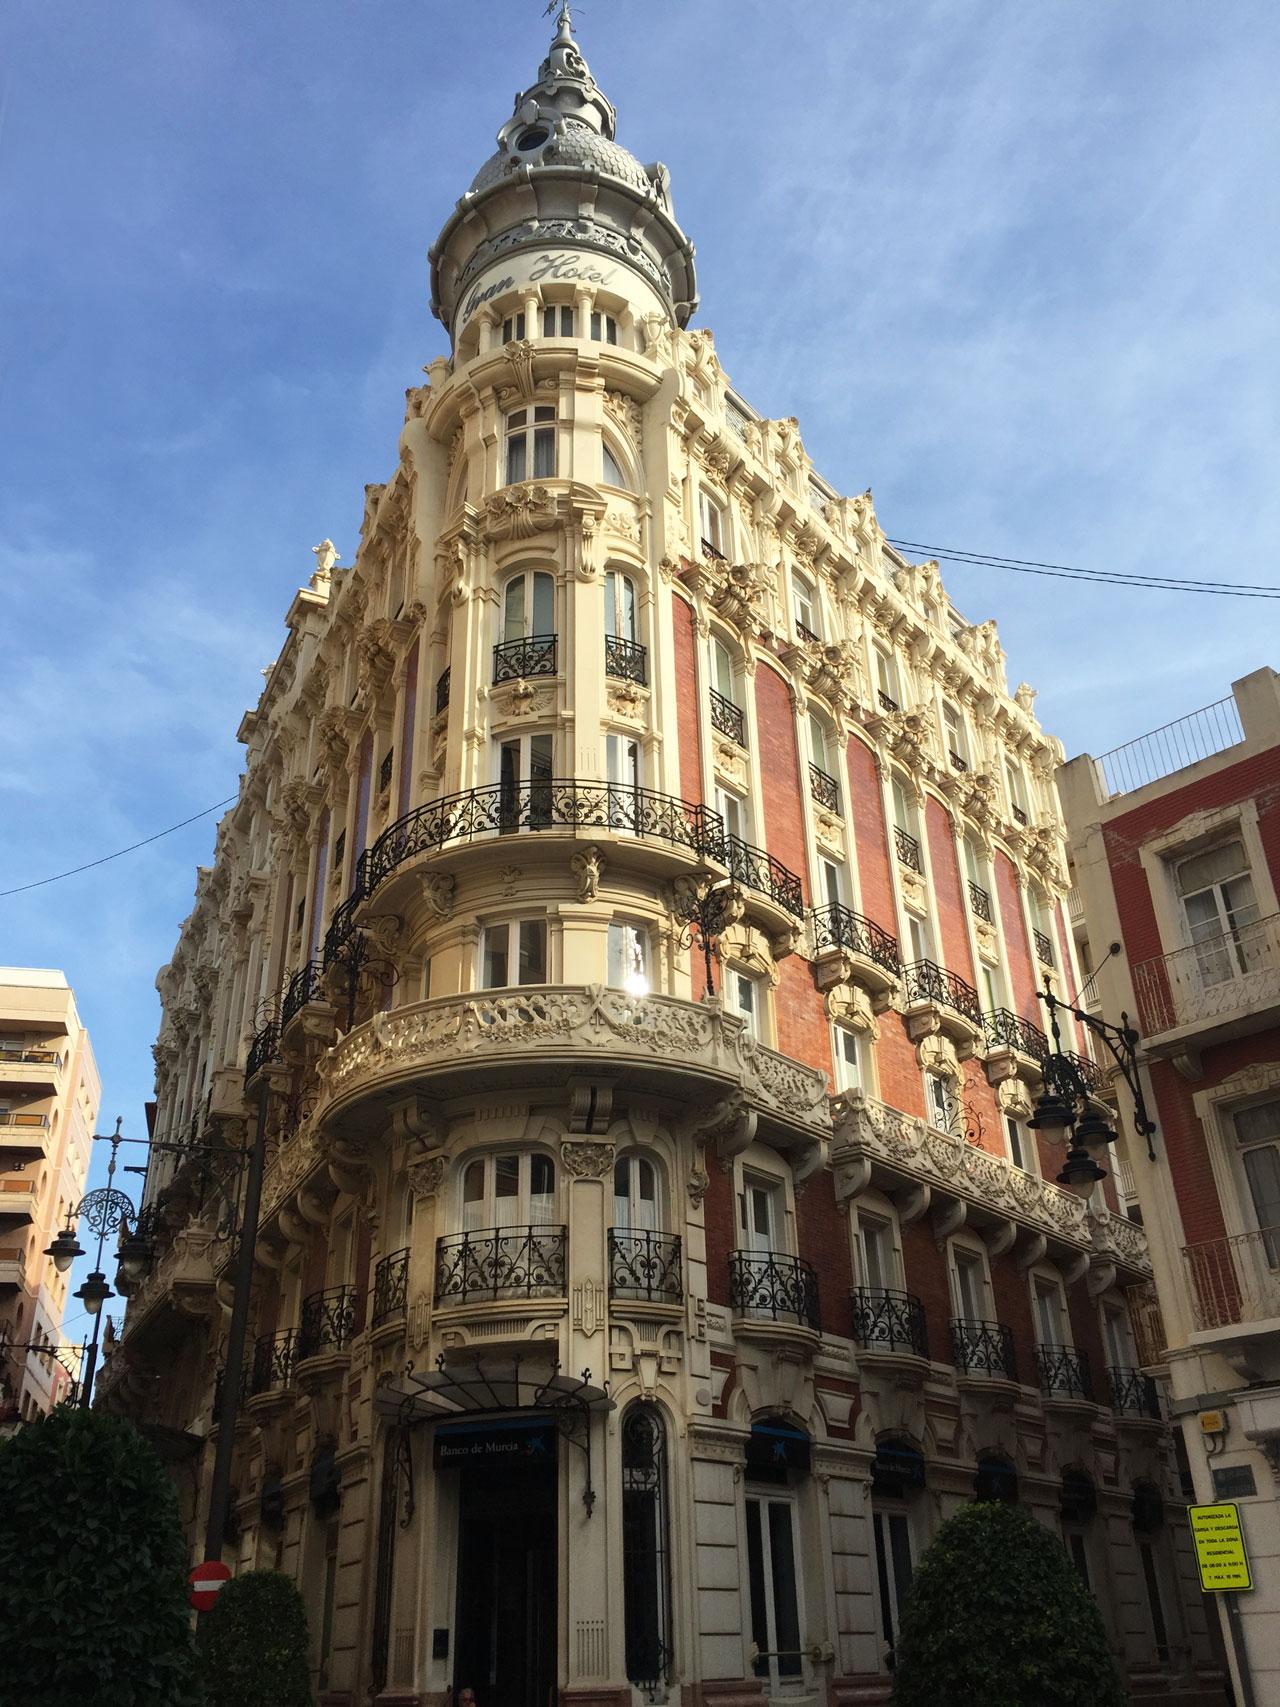 Gran Hotel, Cartagena, Spain